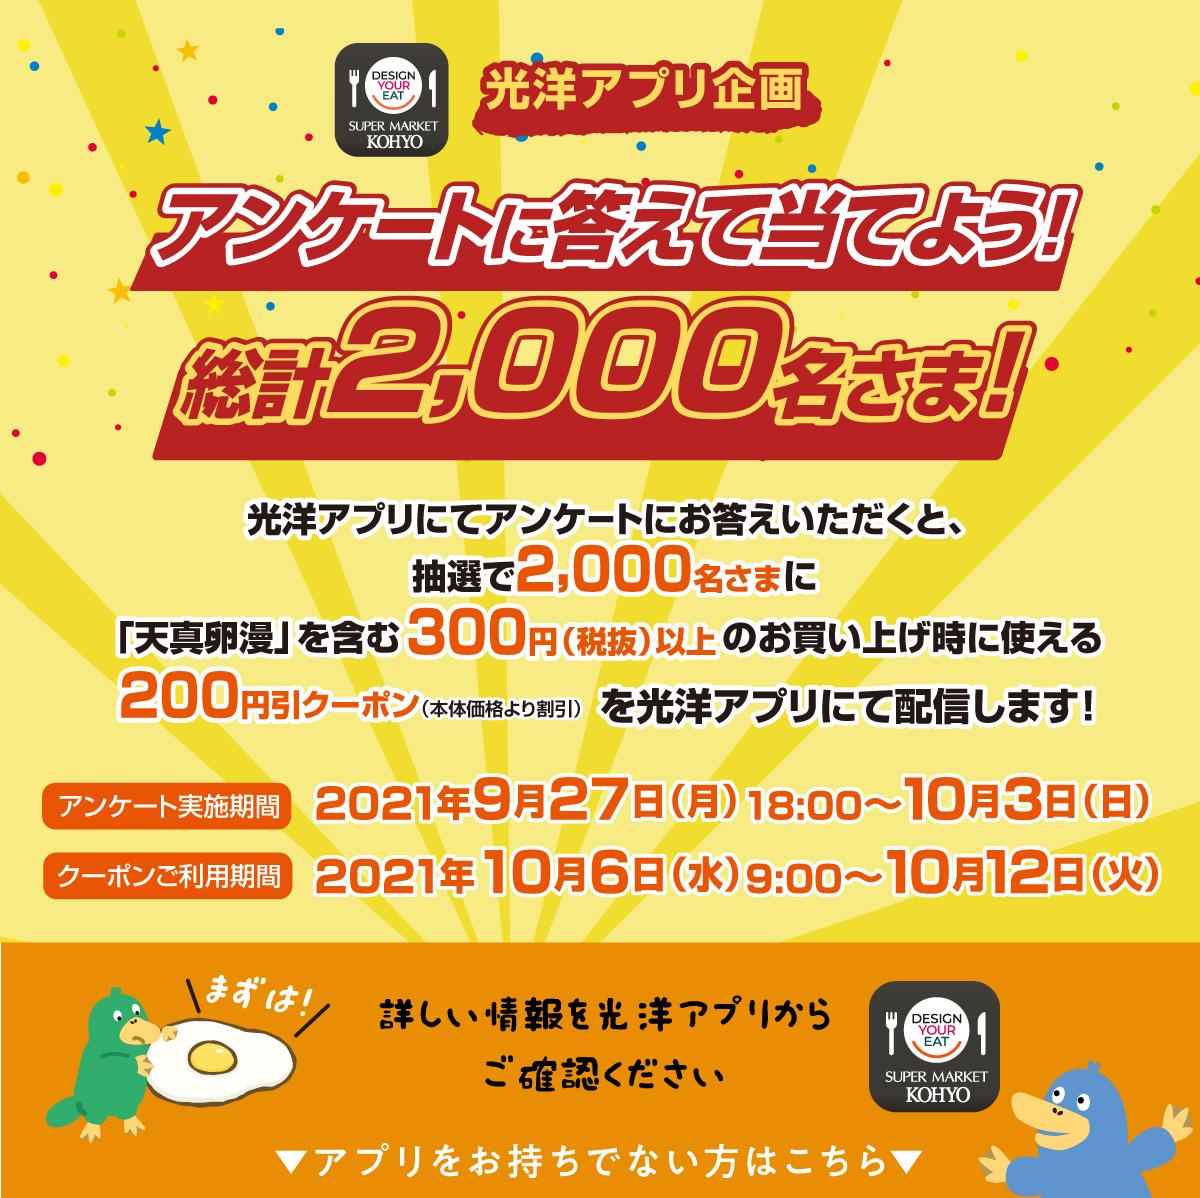 """""""光洋アプリからアンケートに答えて、200円割引券をもらっちゃおう!"""""""